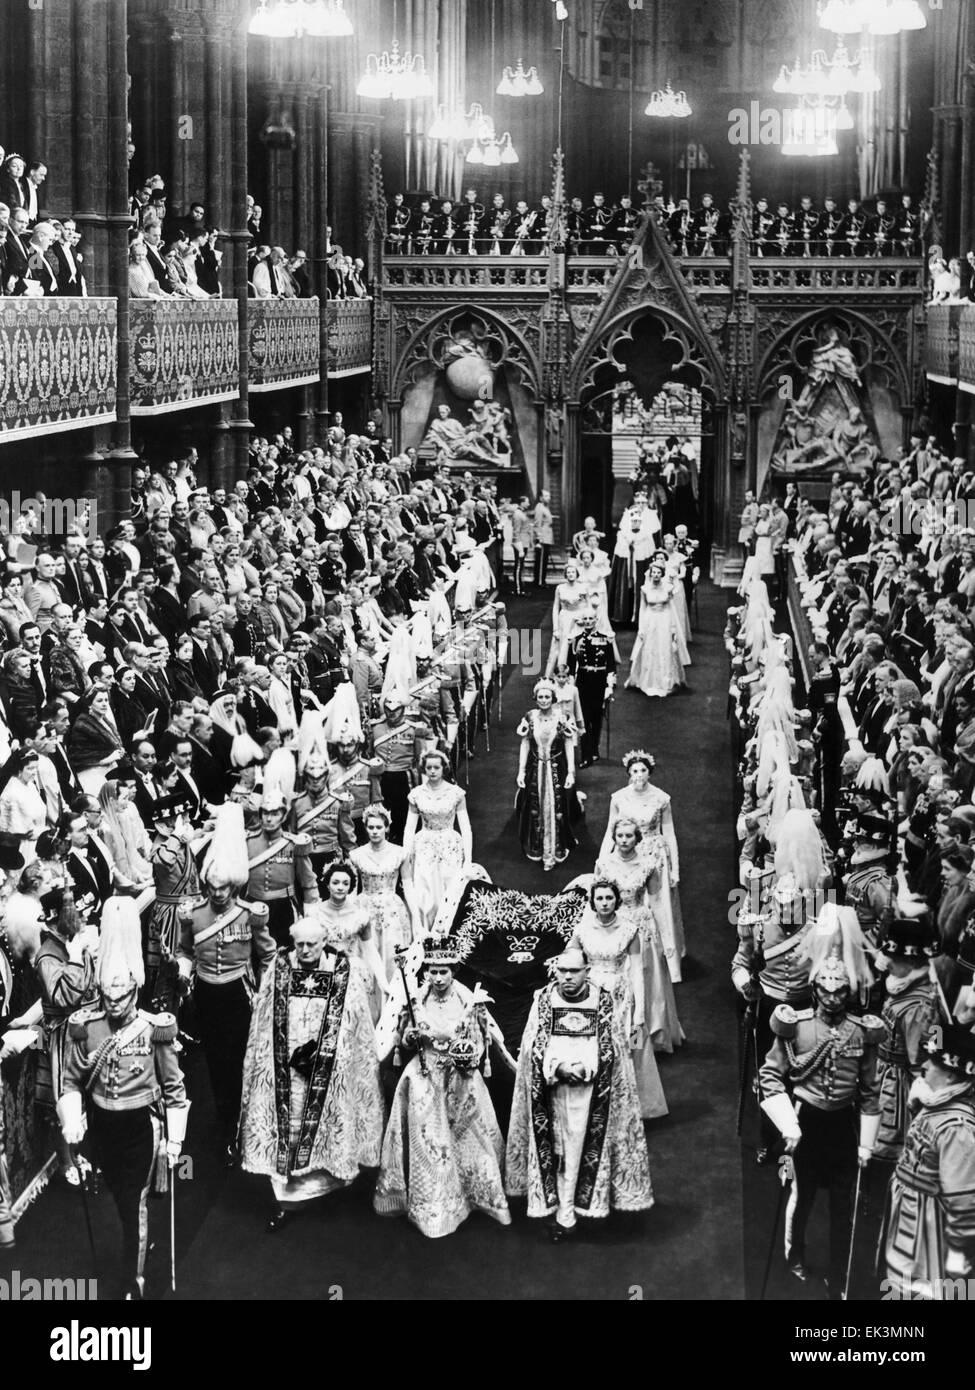 Queen Elizabeth II,  on her Coronation Day, June 2, 1952 - Stock Image